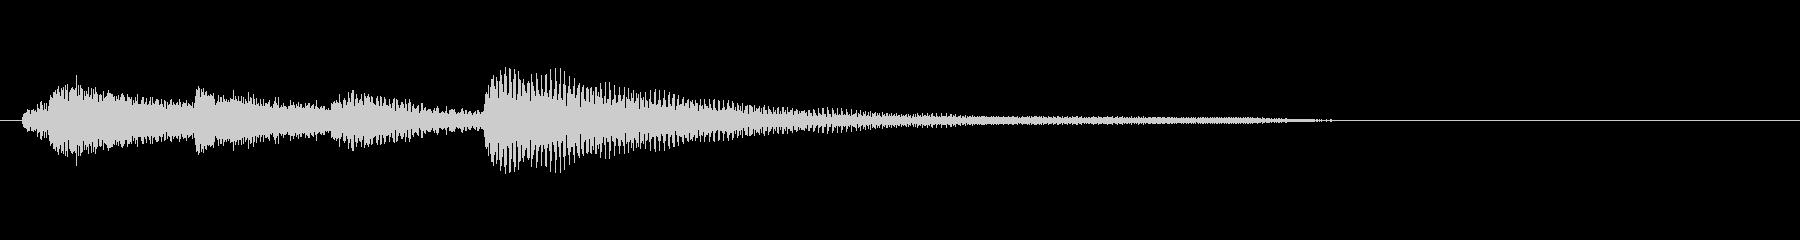 悲しげなピアノのジングルの未再生の波形